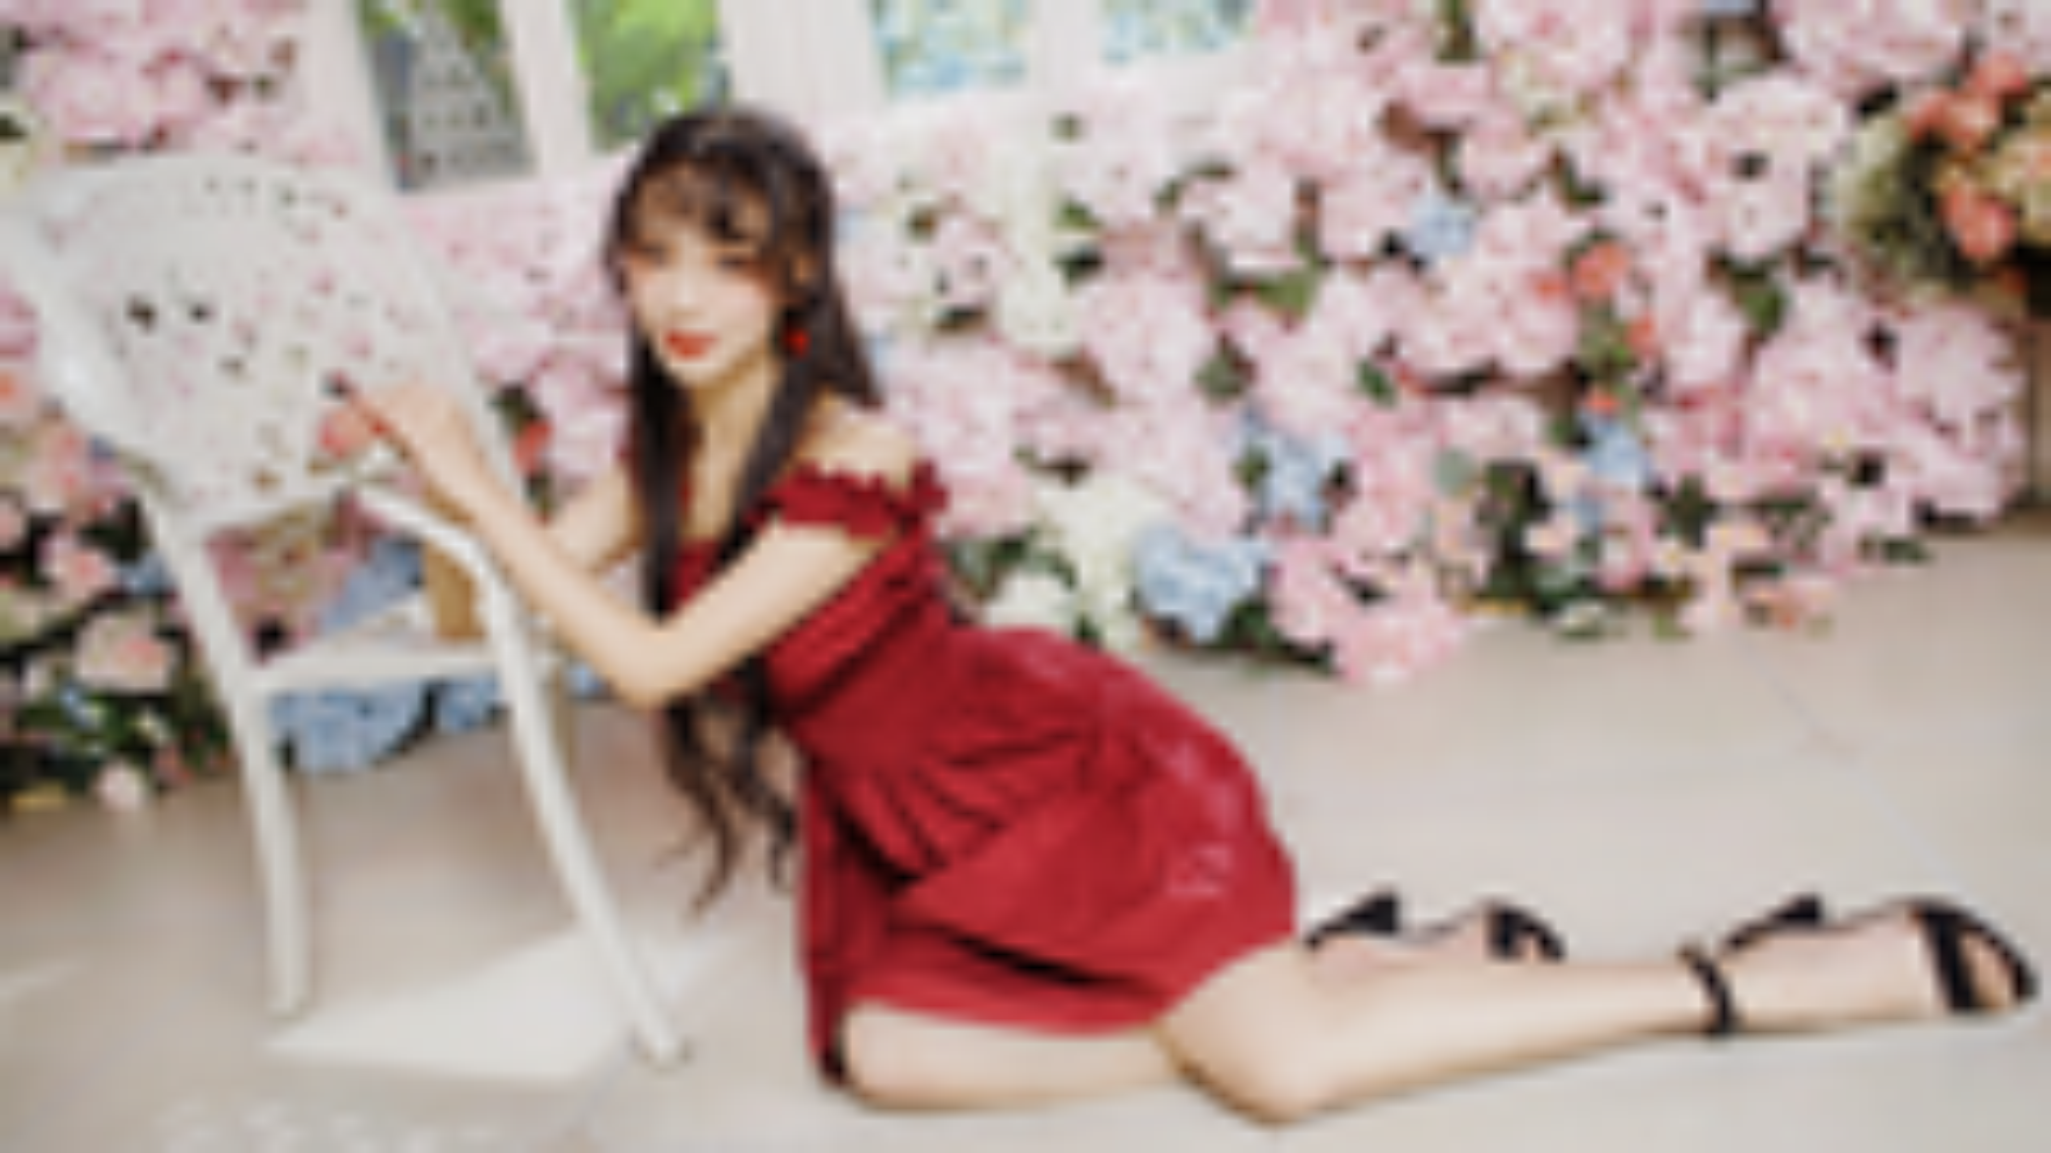 【卡卡】♡FLOWER SHOWER♡泫雅翻跳~来洗个鲜花浴吧~